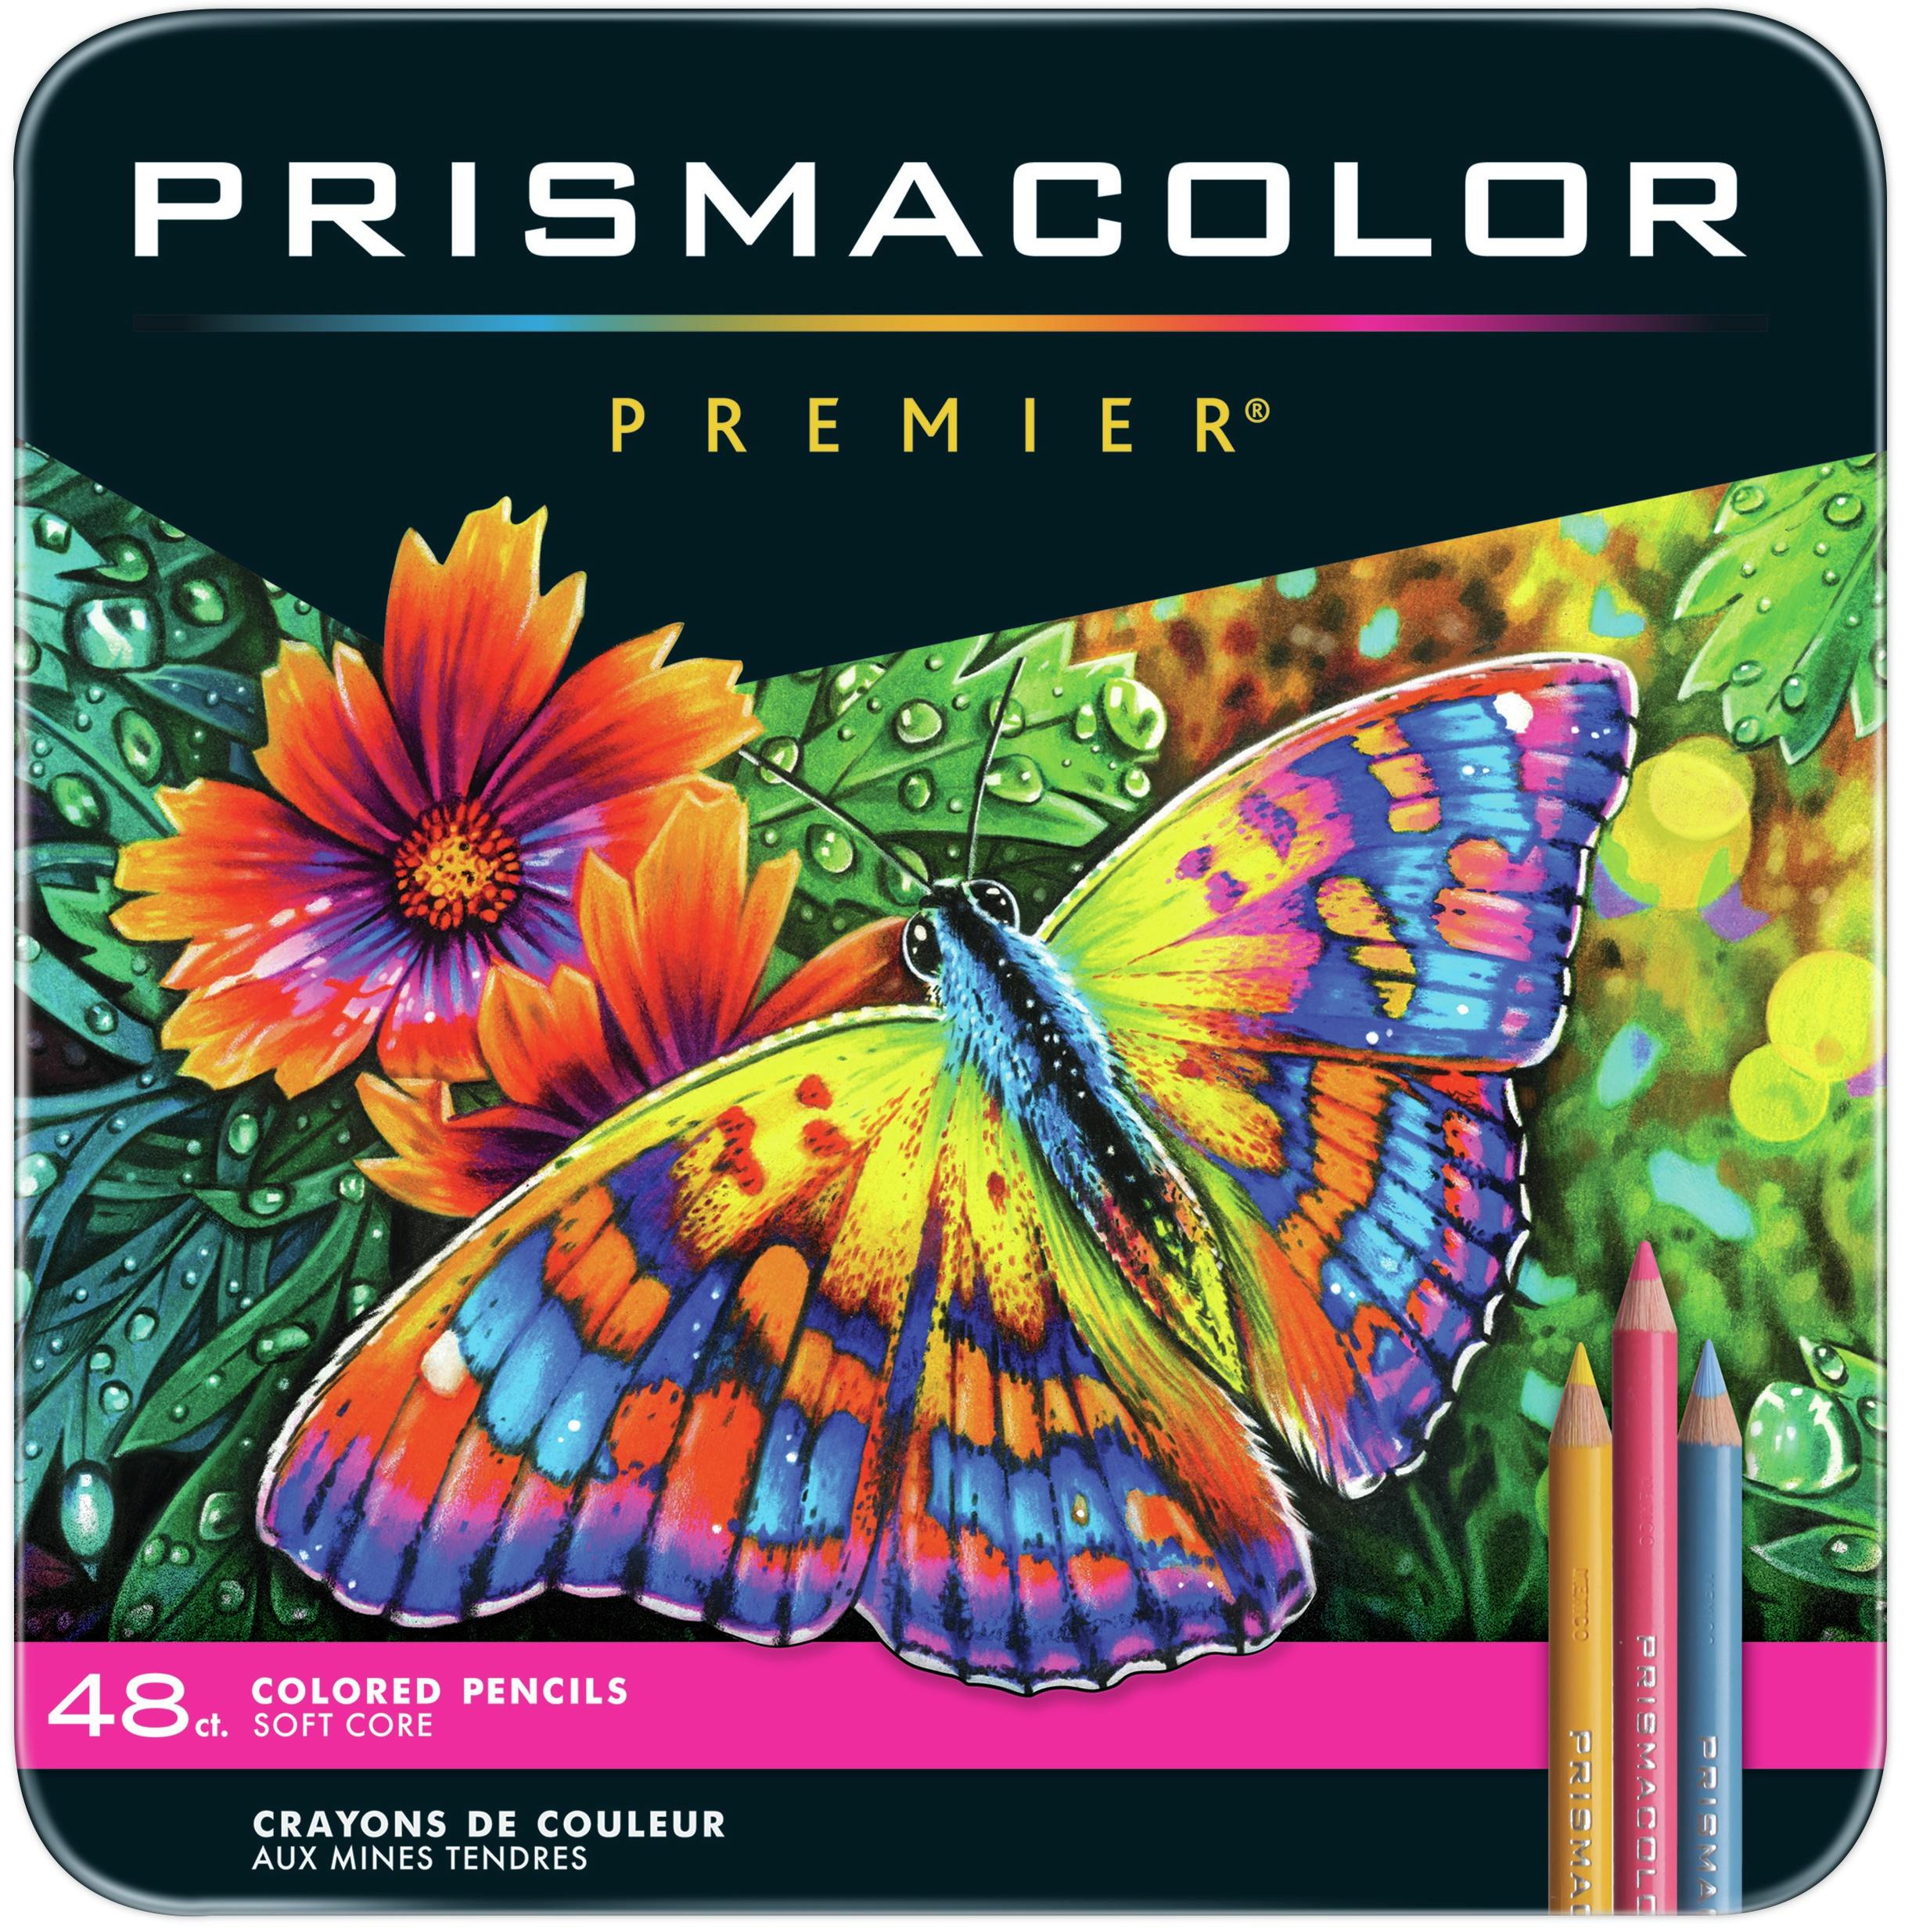 Prismacolor Premier 48  Colored Pencils